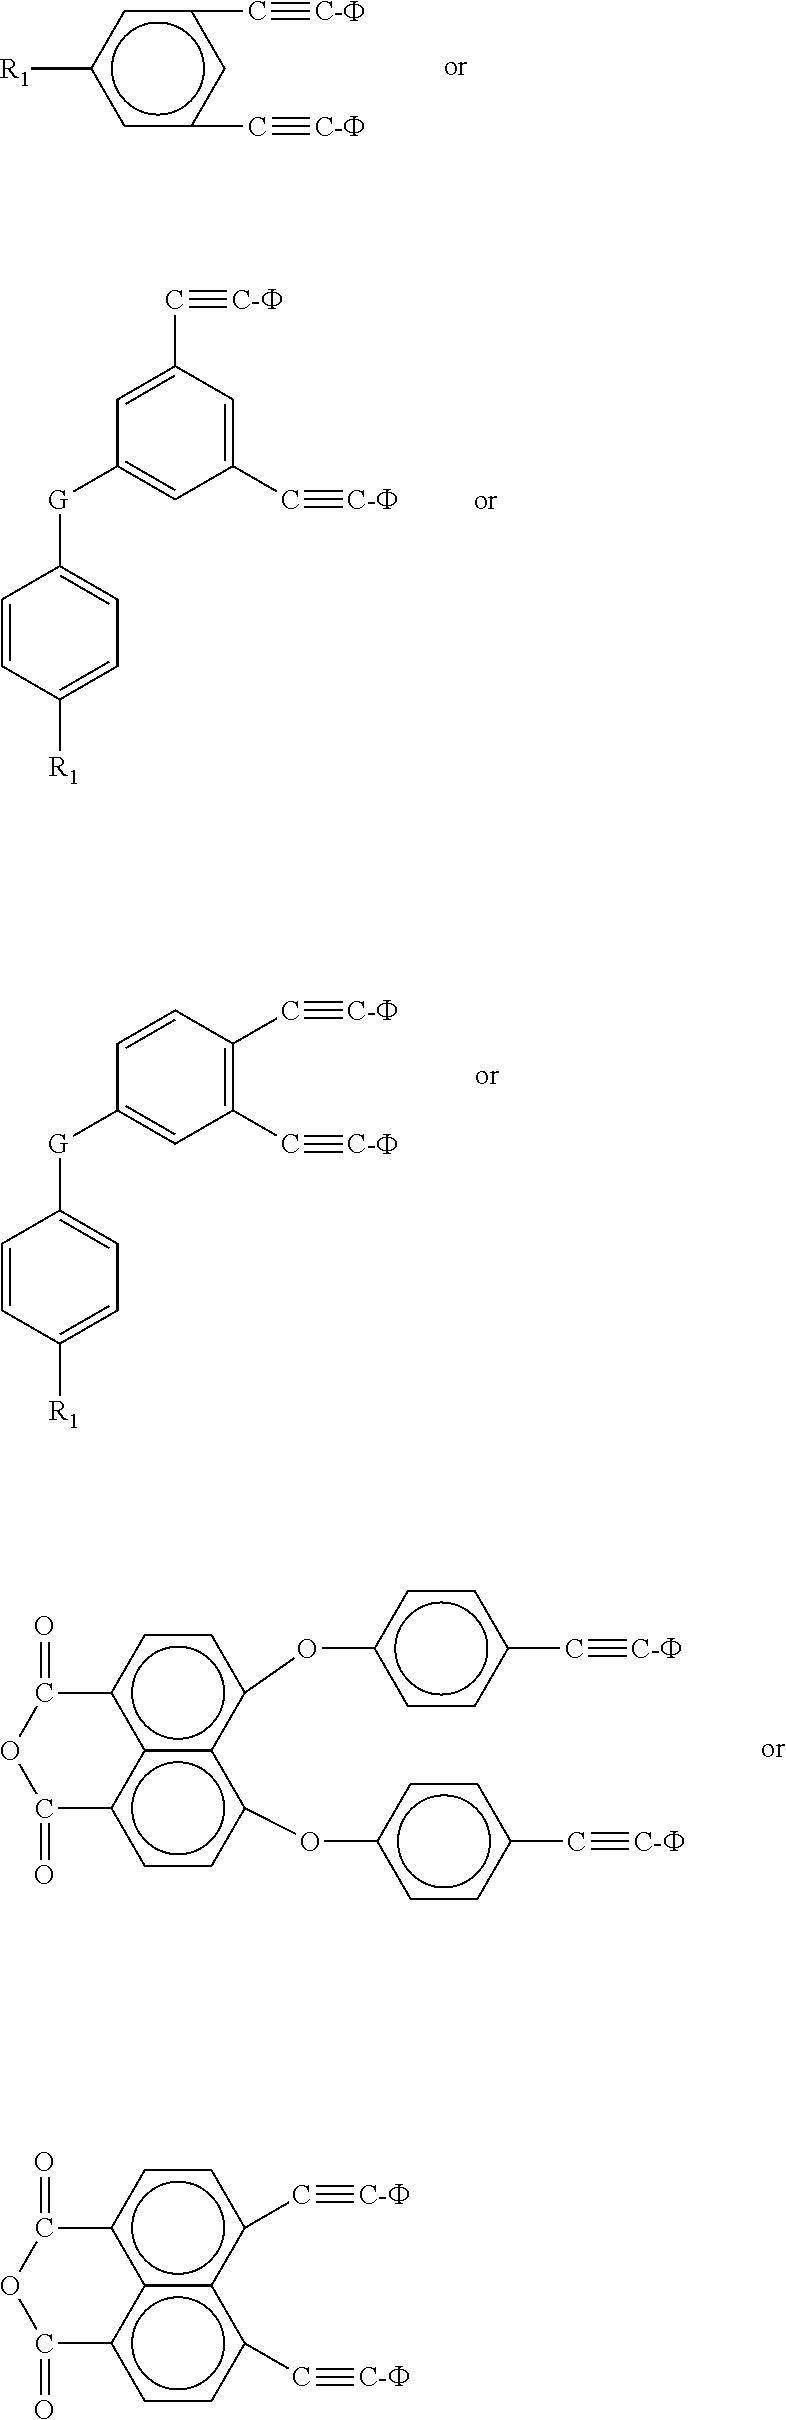 Figure US08106142-20120131-C00053